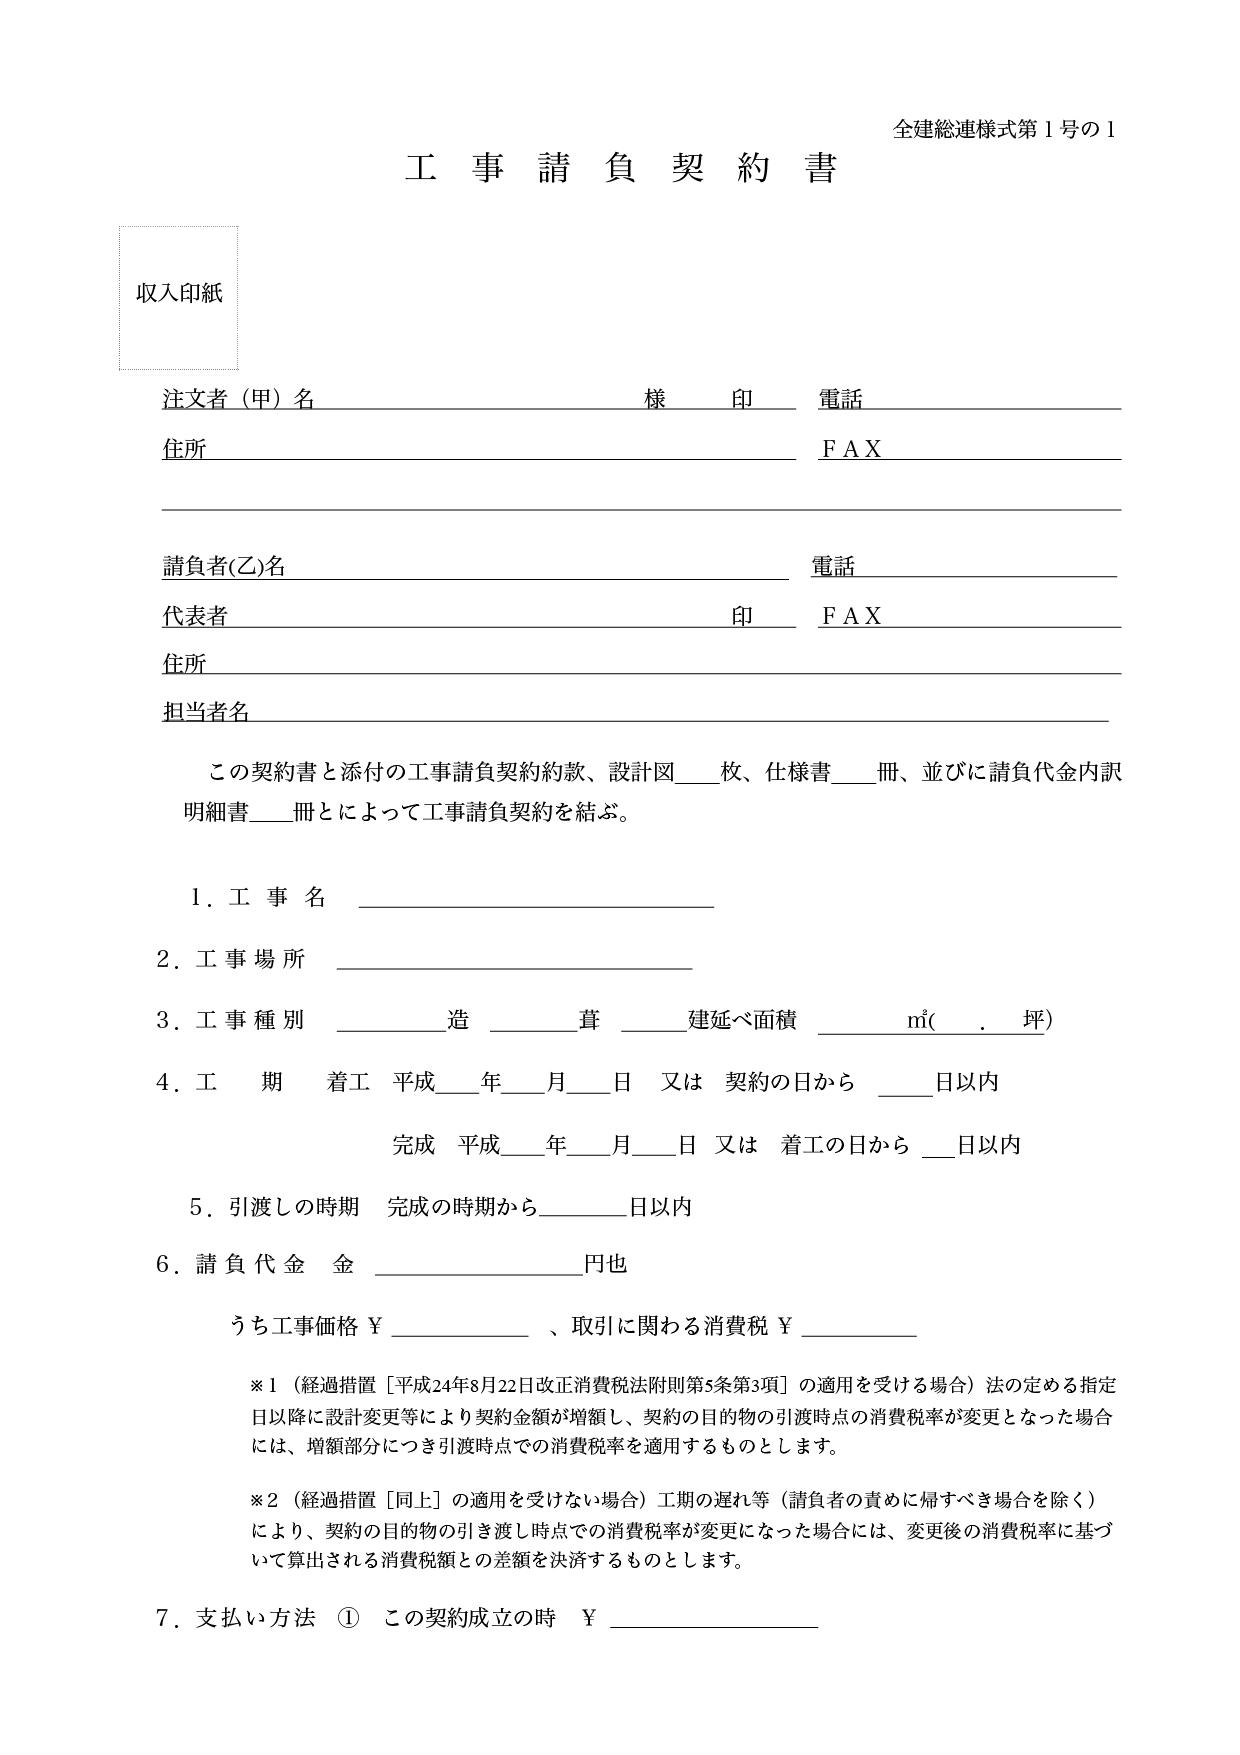 工事(請負)契約書『2枚綴り』テンプレート(ワード・ページズ)